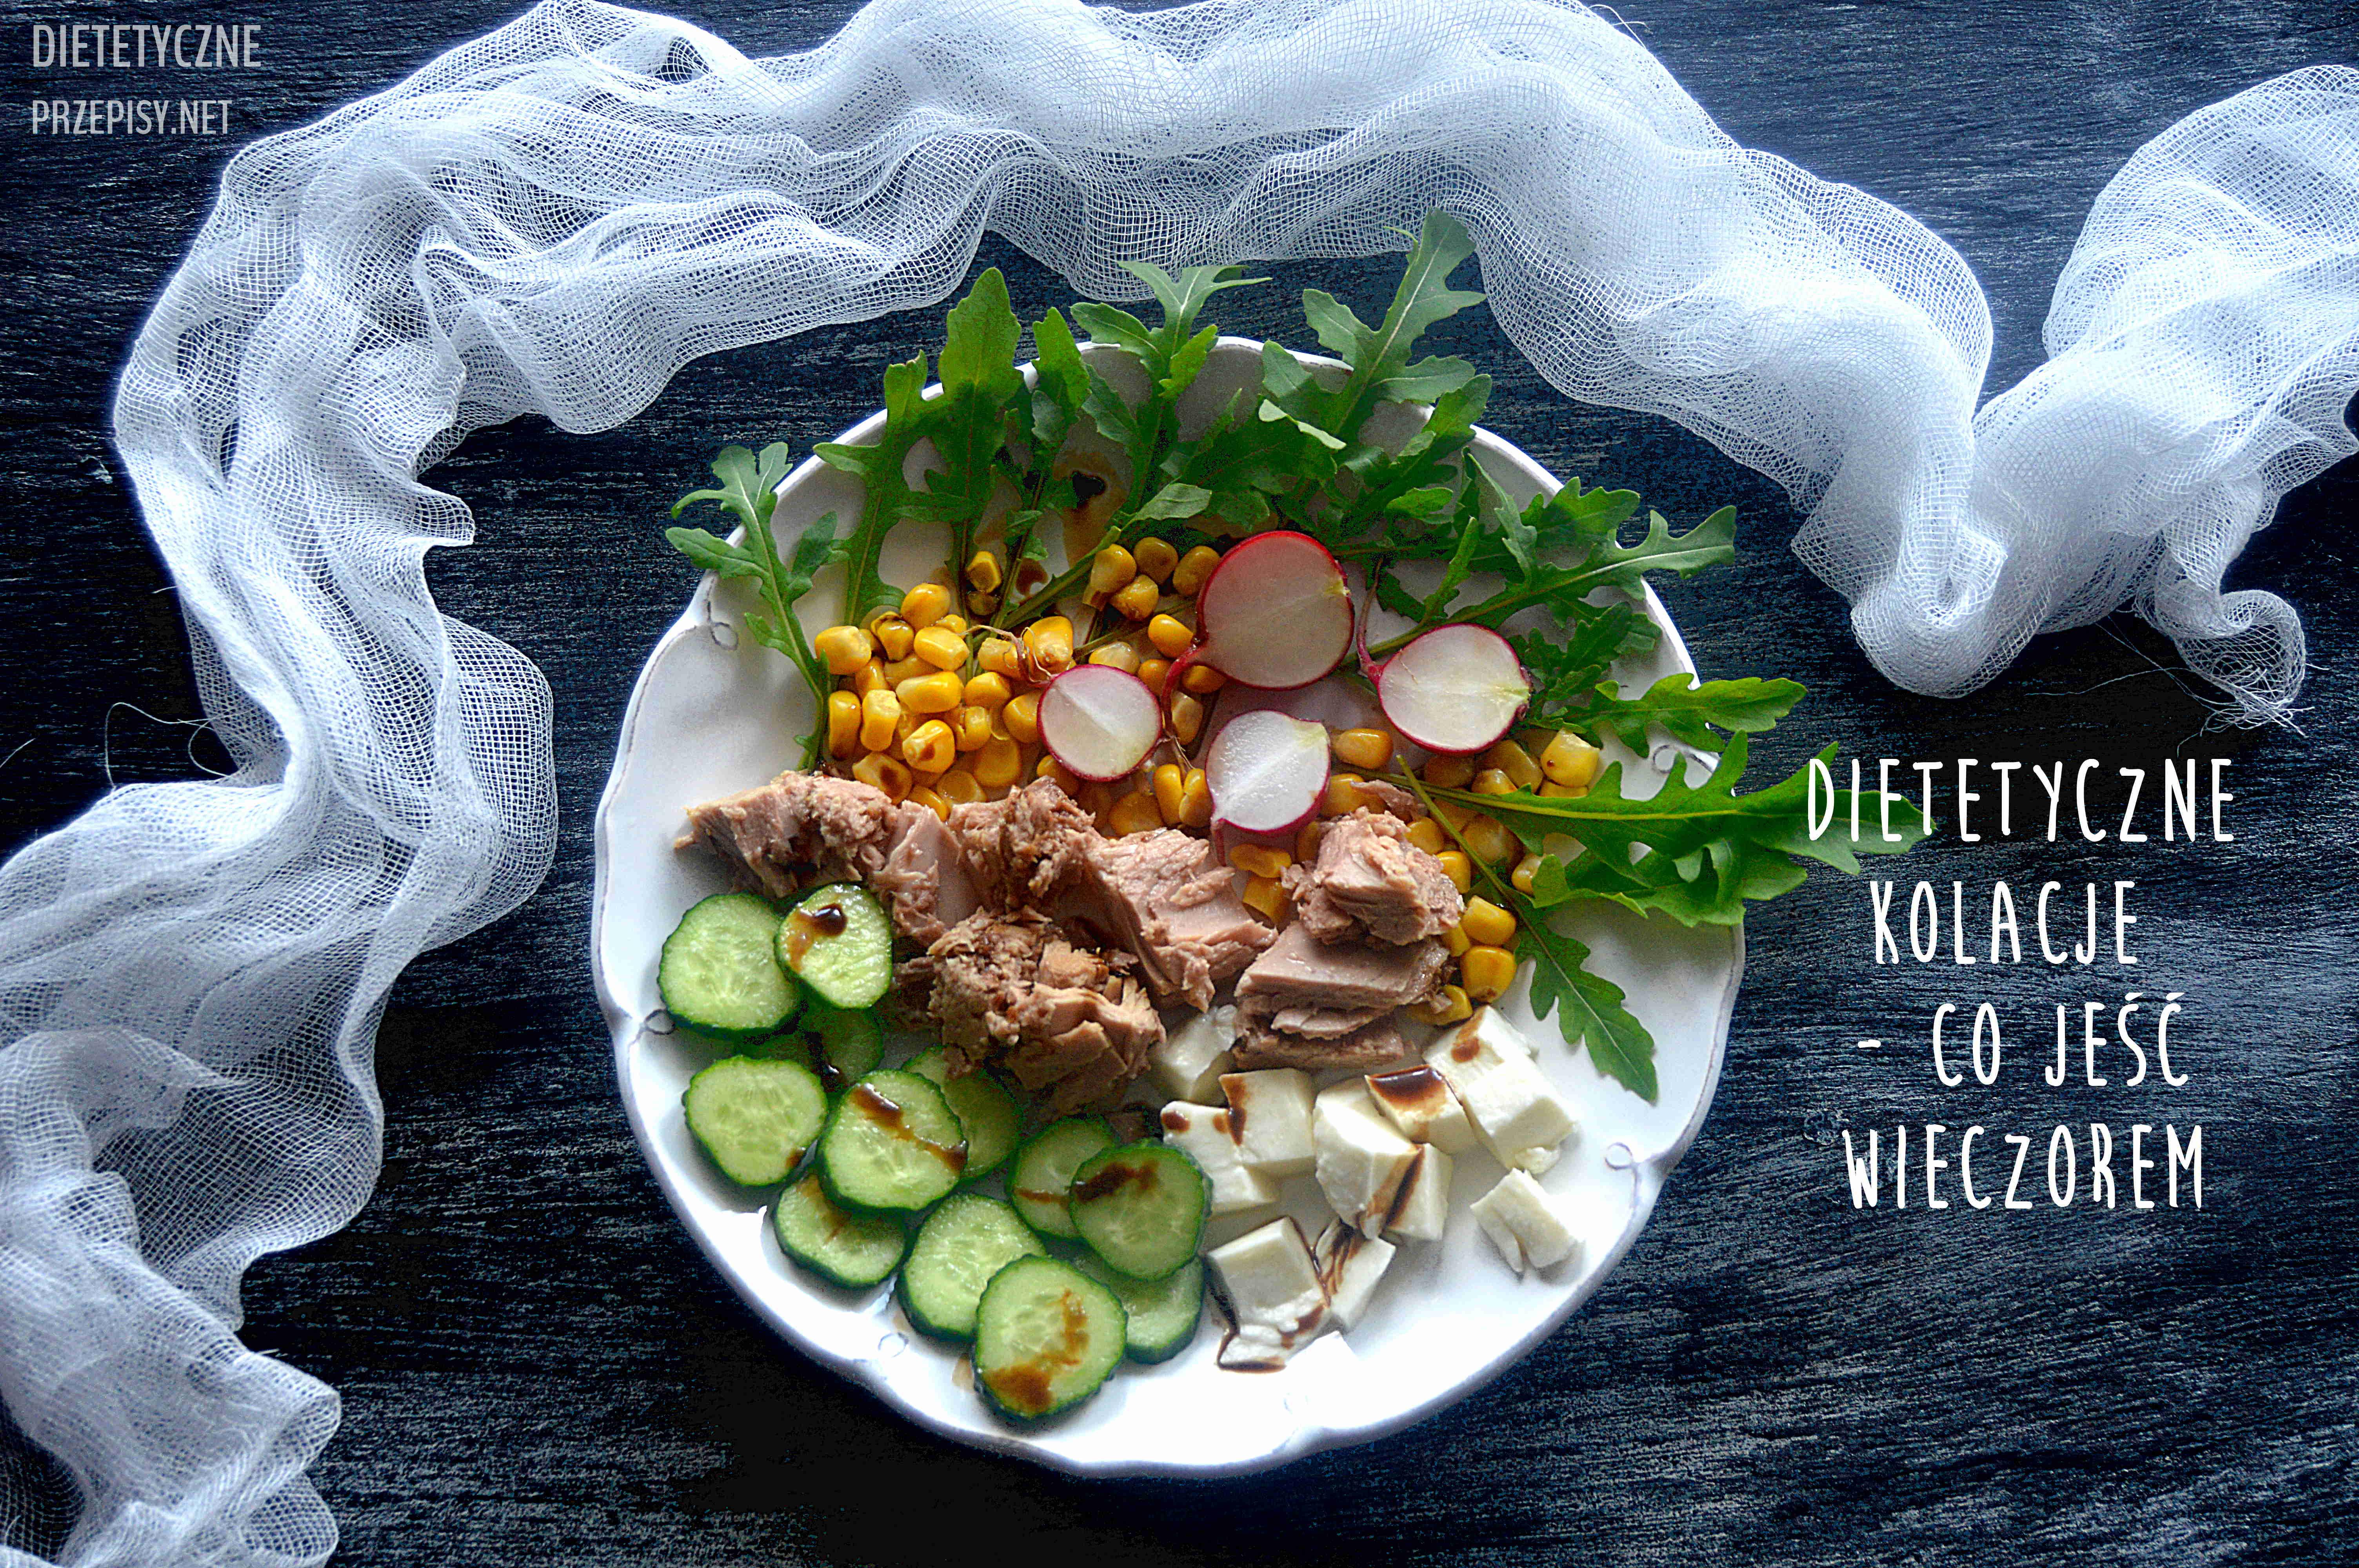 dietetyczne-kolacje-co-jesc-wieczorem-male